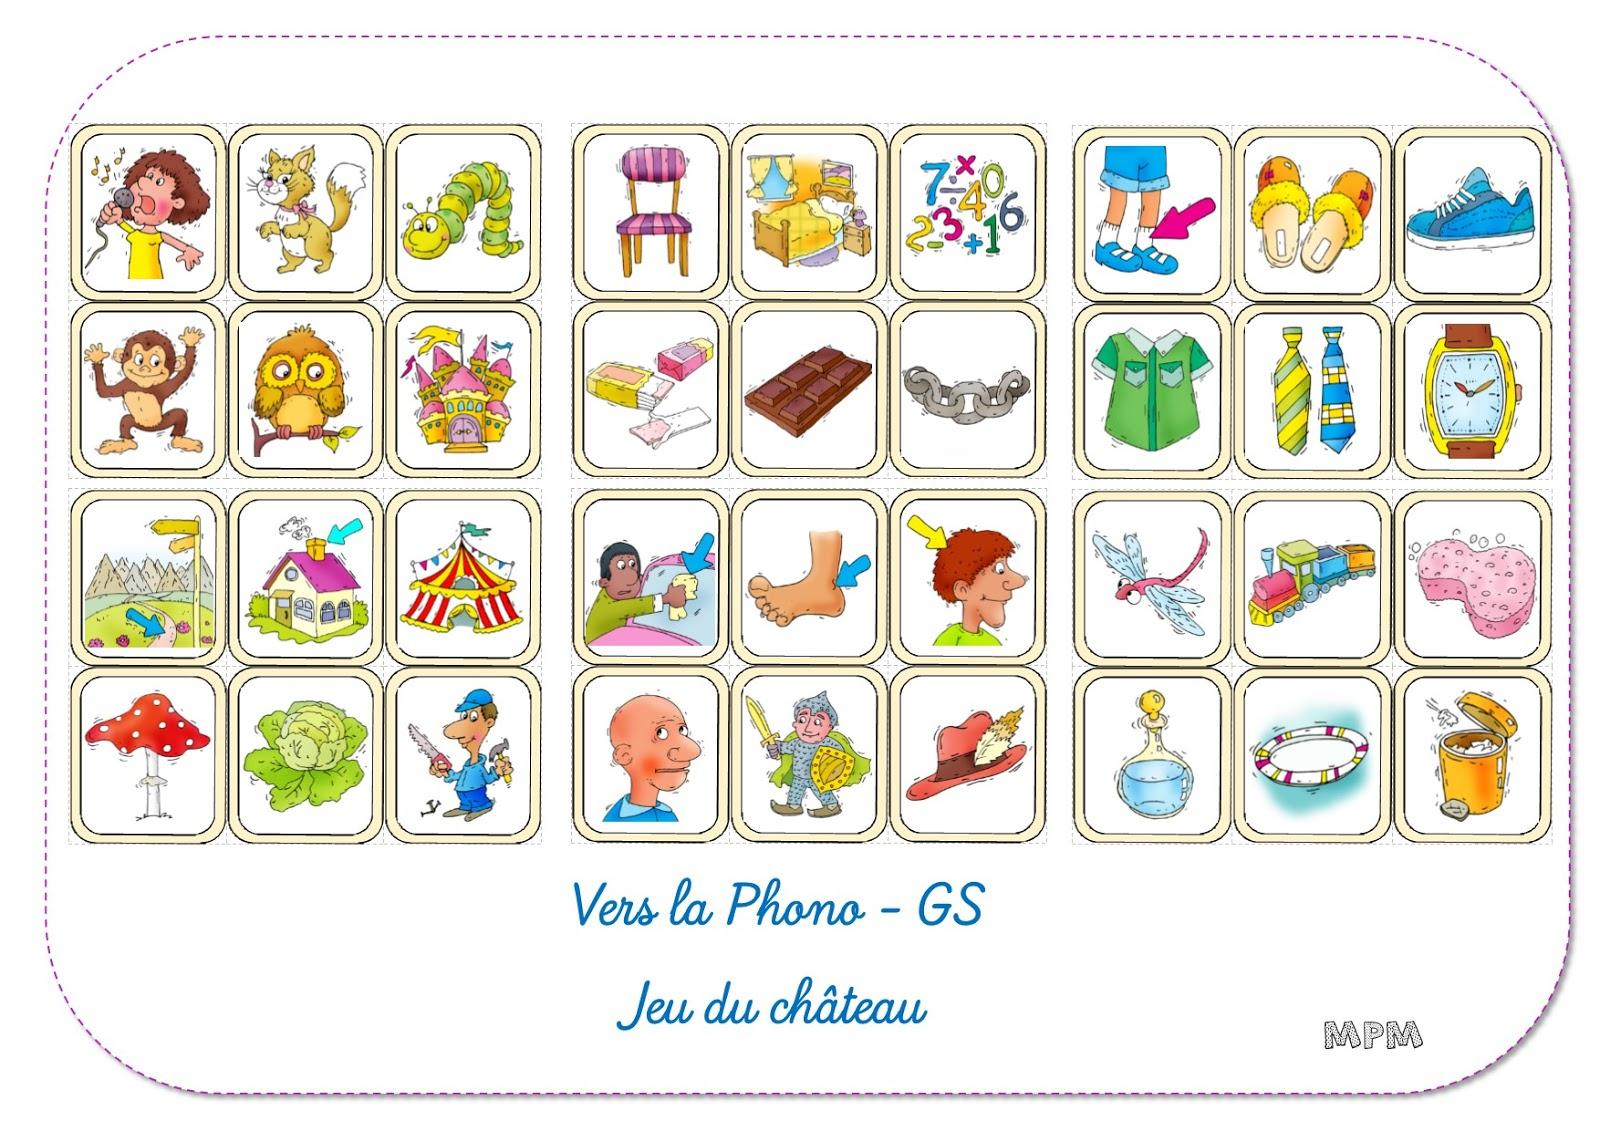 Jeux Grande Section Maternelle Gratuit En Ligne - Primanyc intérieur Jeux Gratuit Maternelle Petite Section